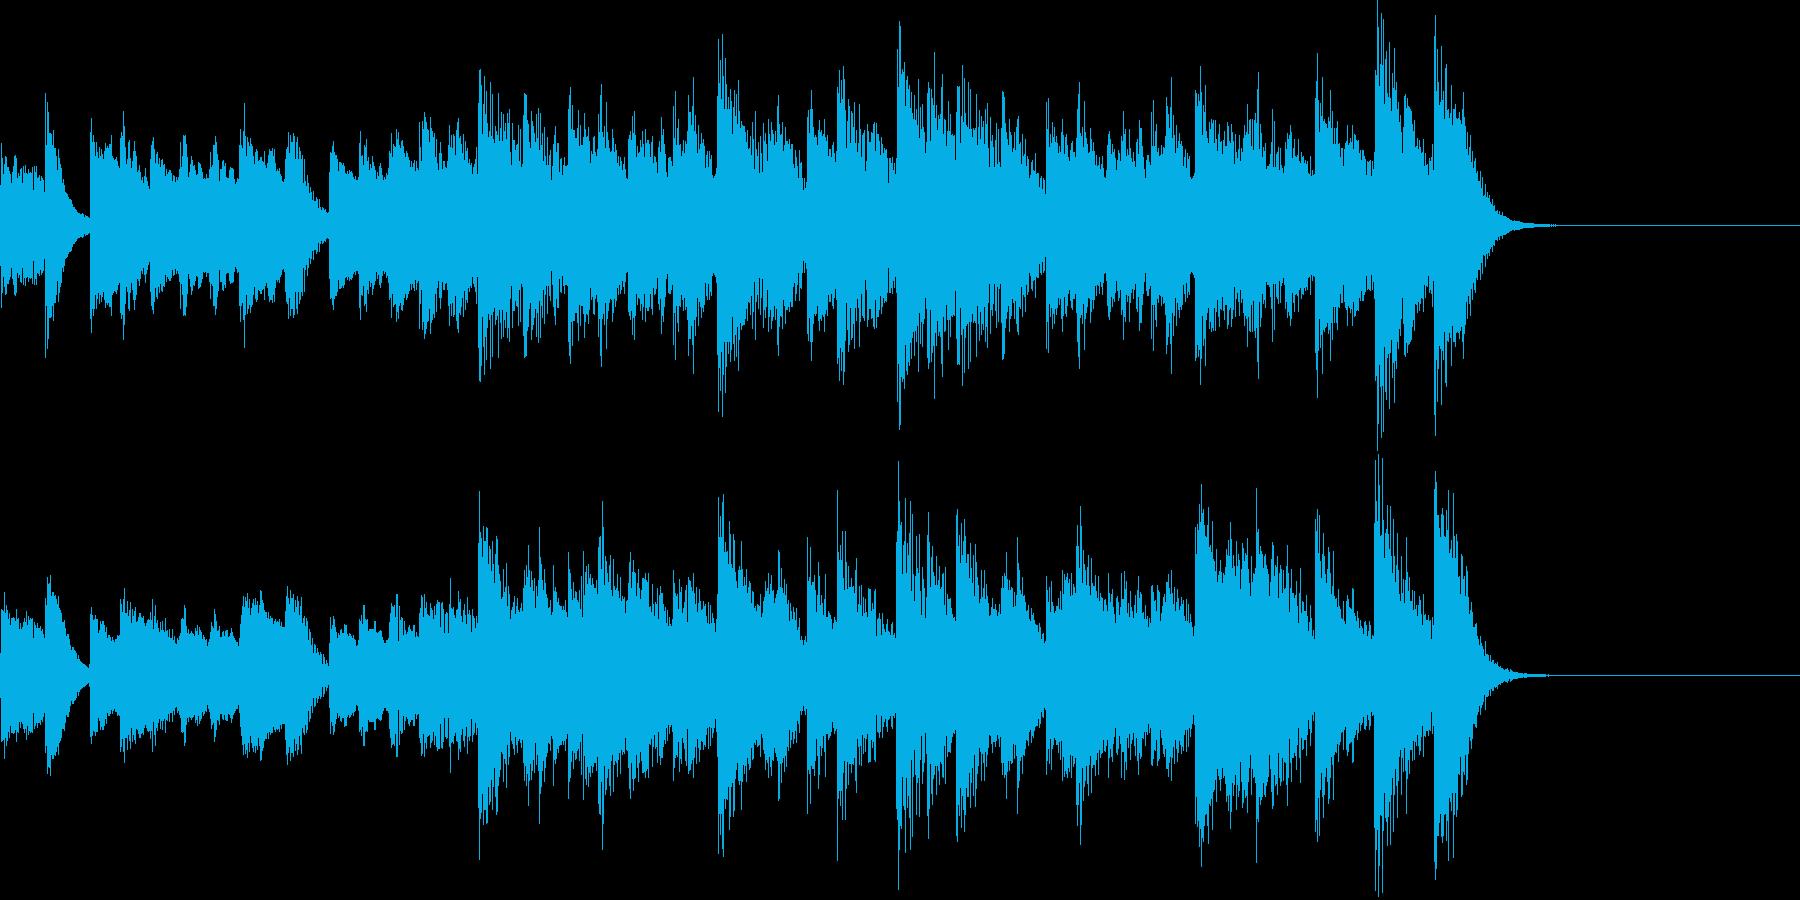 ベースラインがクールな男前ピアノジングルの再生済みの波形